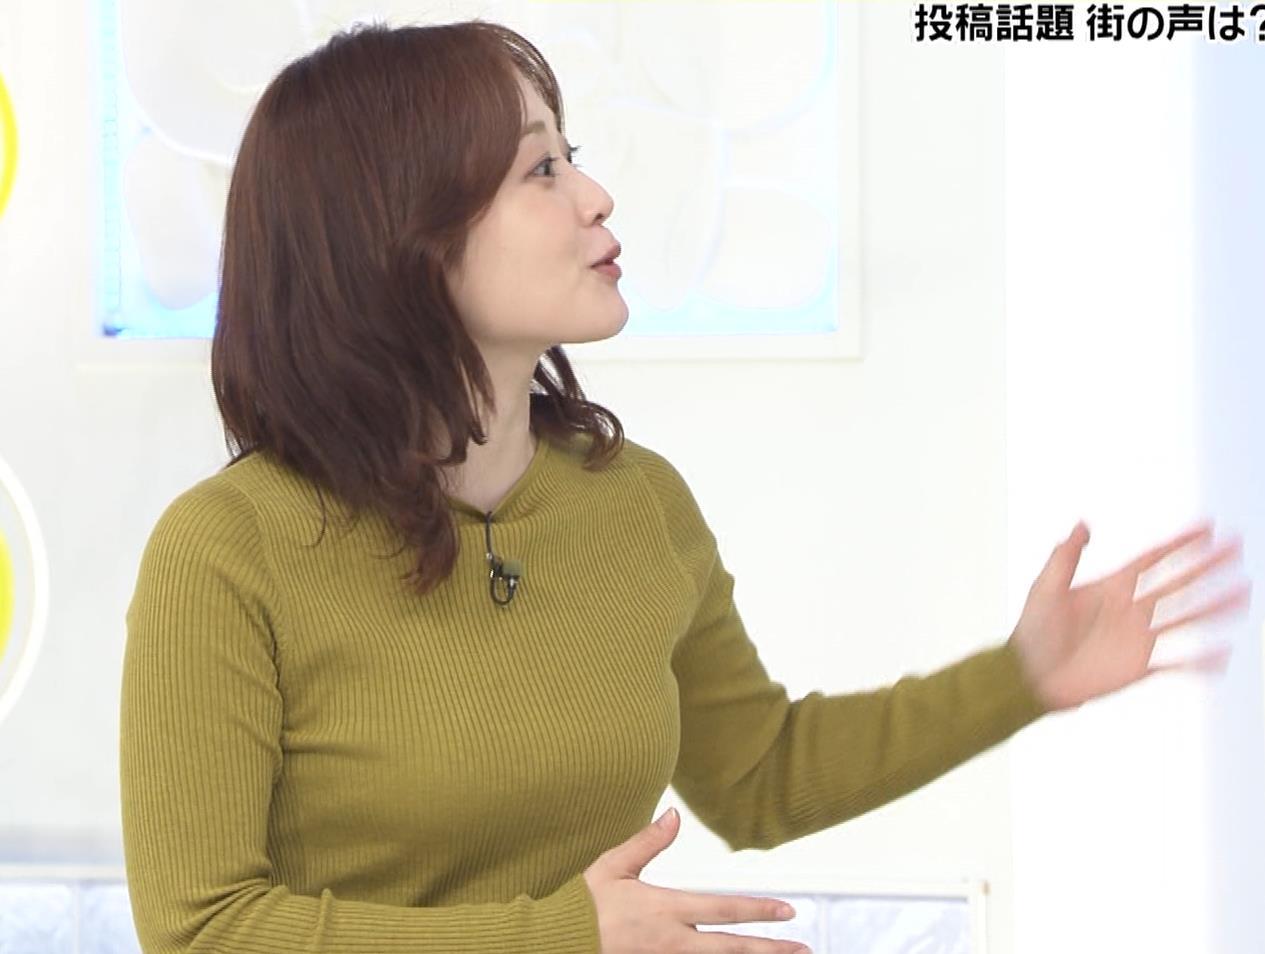 水卜麻美アナ ピチピチニットのおっぱいキャプ・エロ画像3